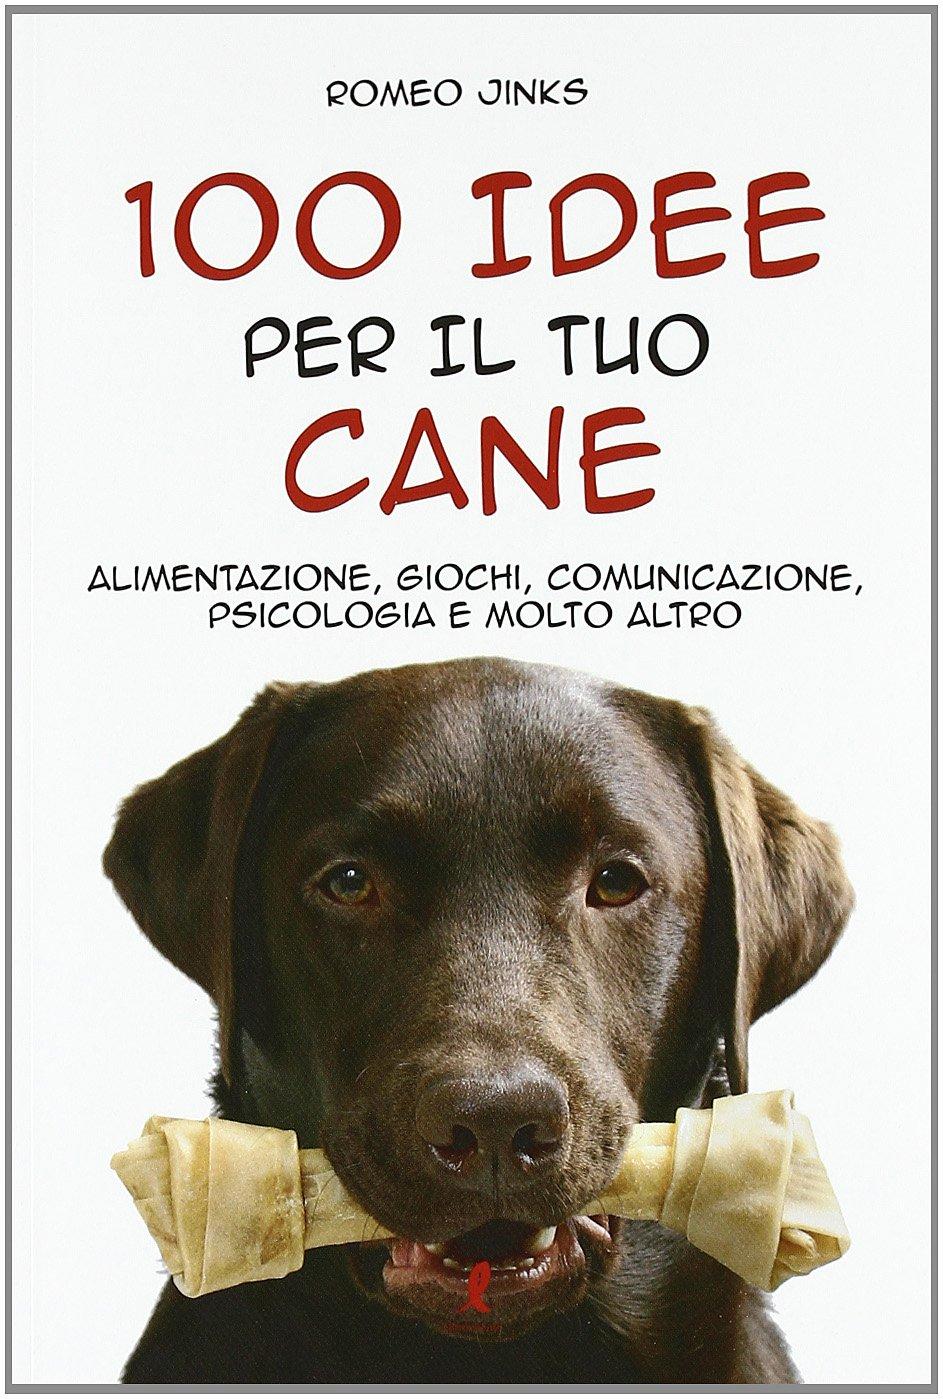 100 Idee Per Il Tuo Cane. Alimentazione, Giochi, Comunicazione, Psicologia e Molto Altro Copertina flessibile – 1 set 2011 Jinks Romeo Liberamente 886311255X Animali domestici: cani